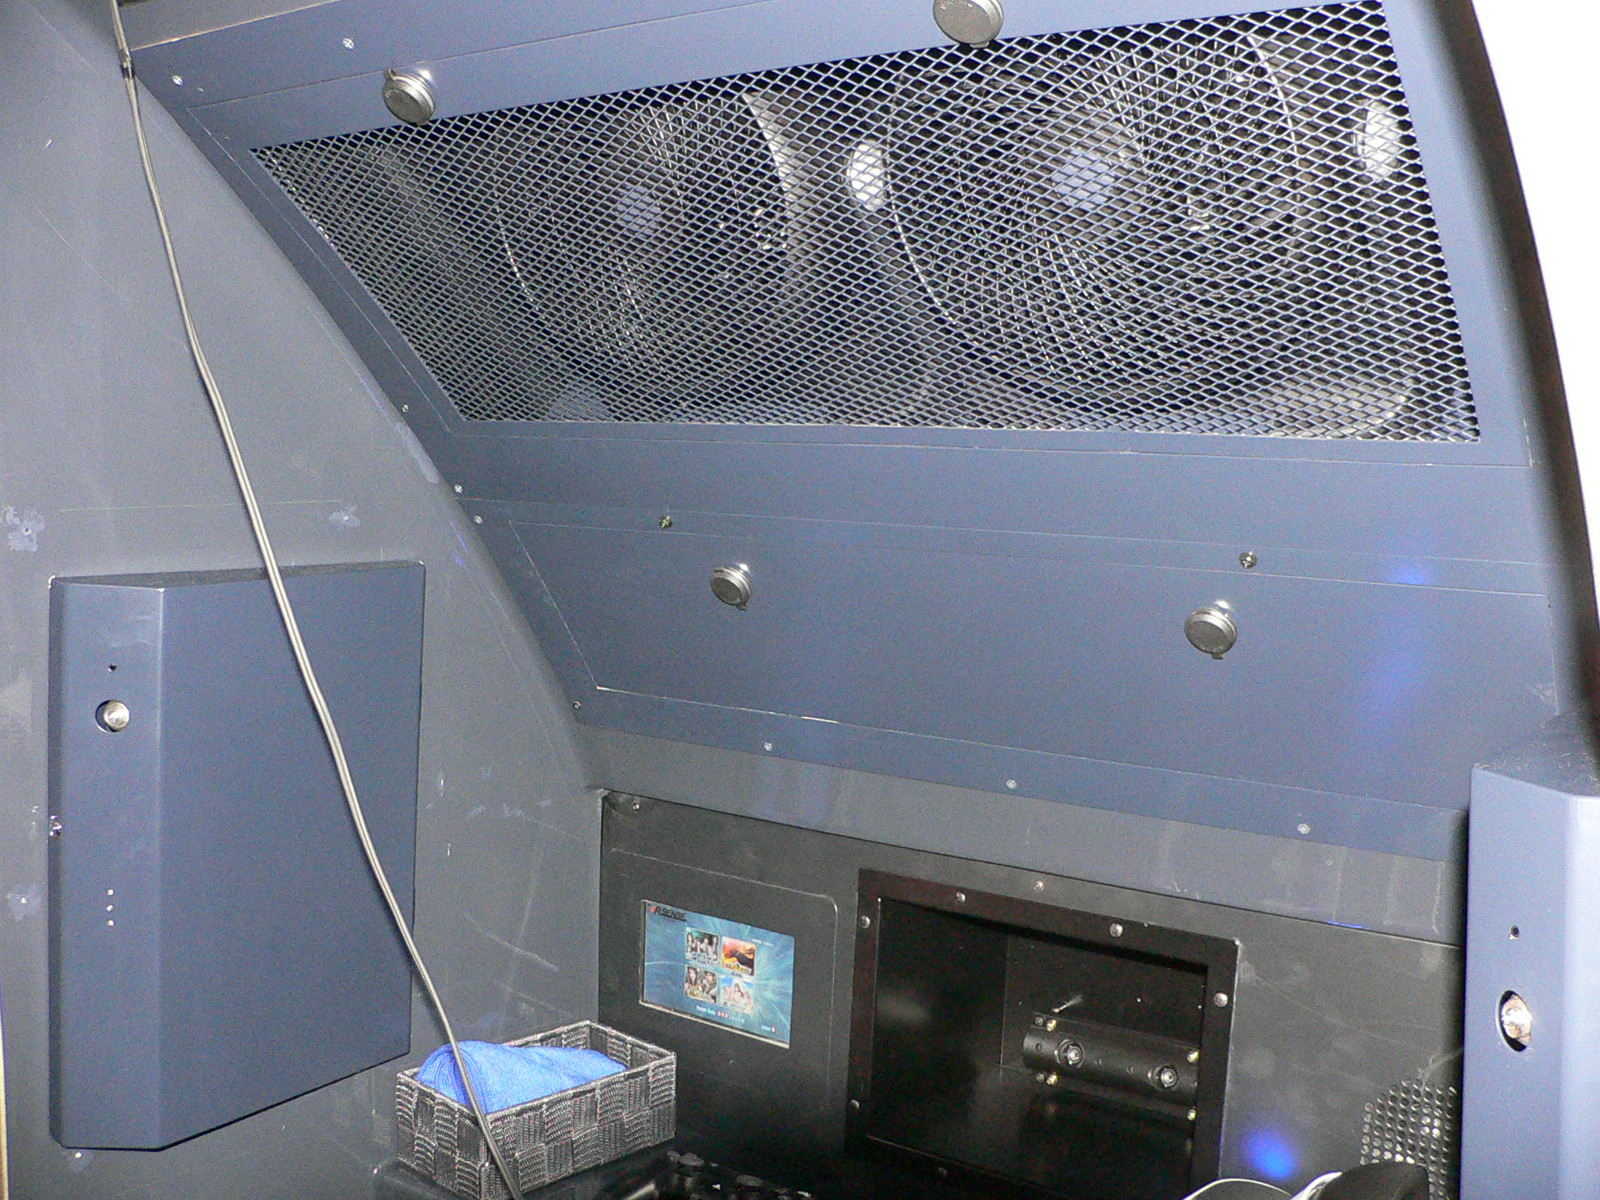 筐体内の上部にはゲーム中に風を送るための装置が、下部右側には荷物を収納するスペースと、左側にコインを投入する場所がある